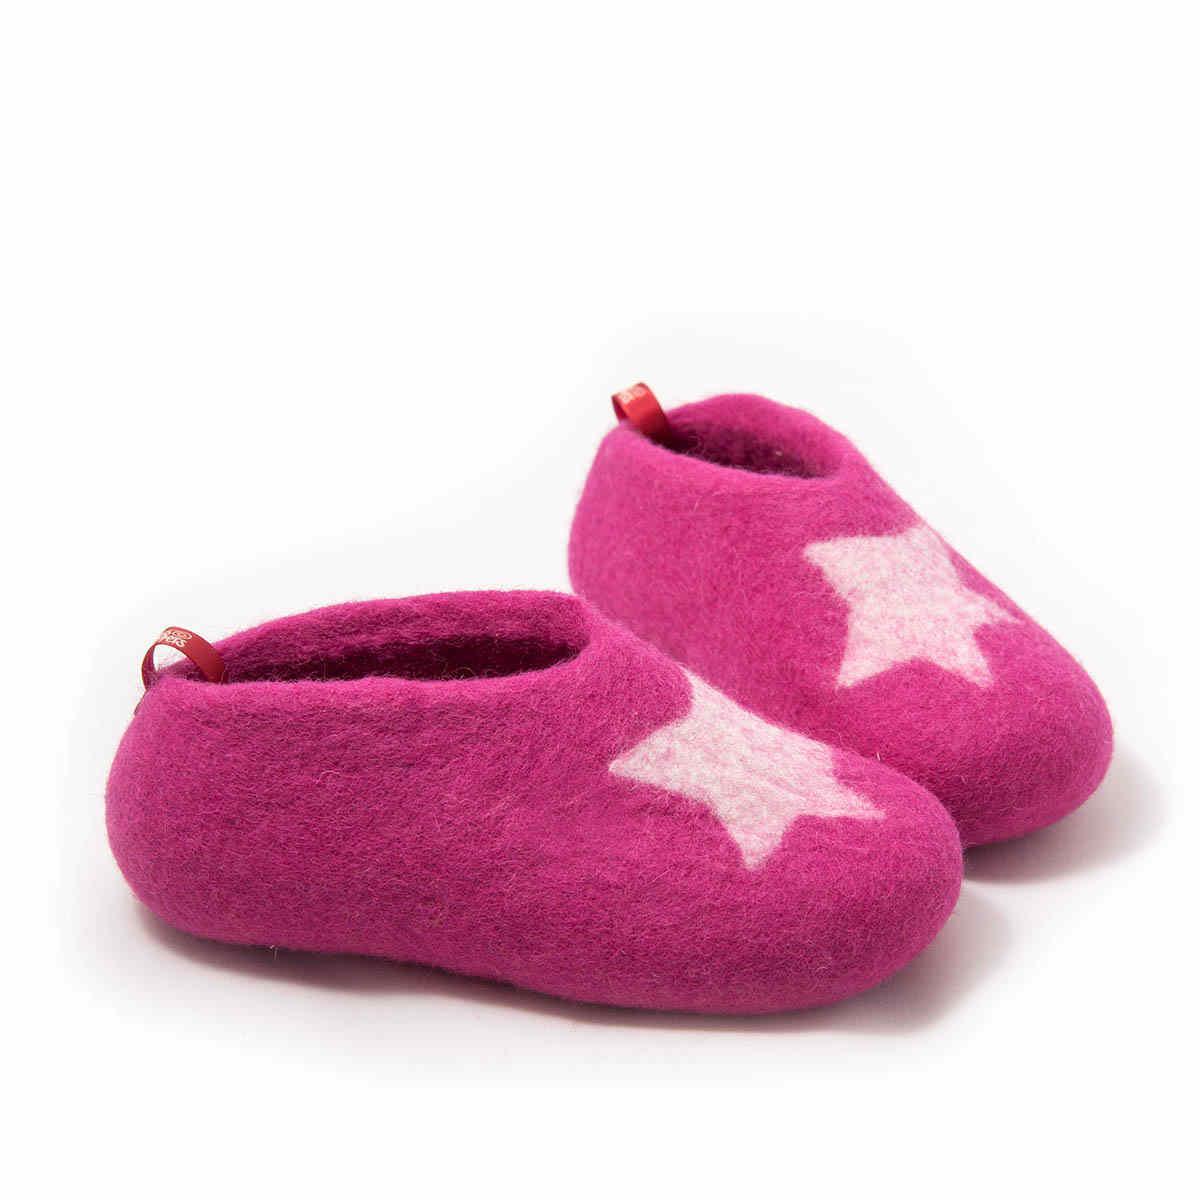 afeddc642dd Τσόχινα παντοφλάκια σε ροζ φούξια από τη συλλογή STAR της Wooppers